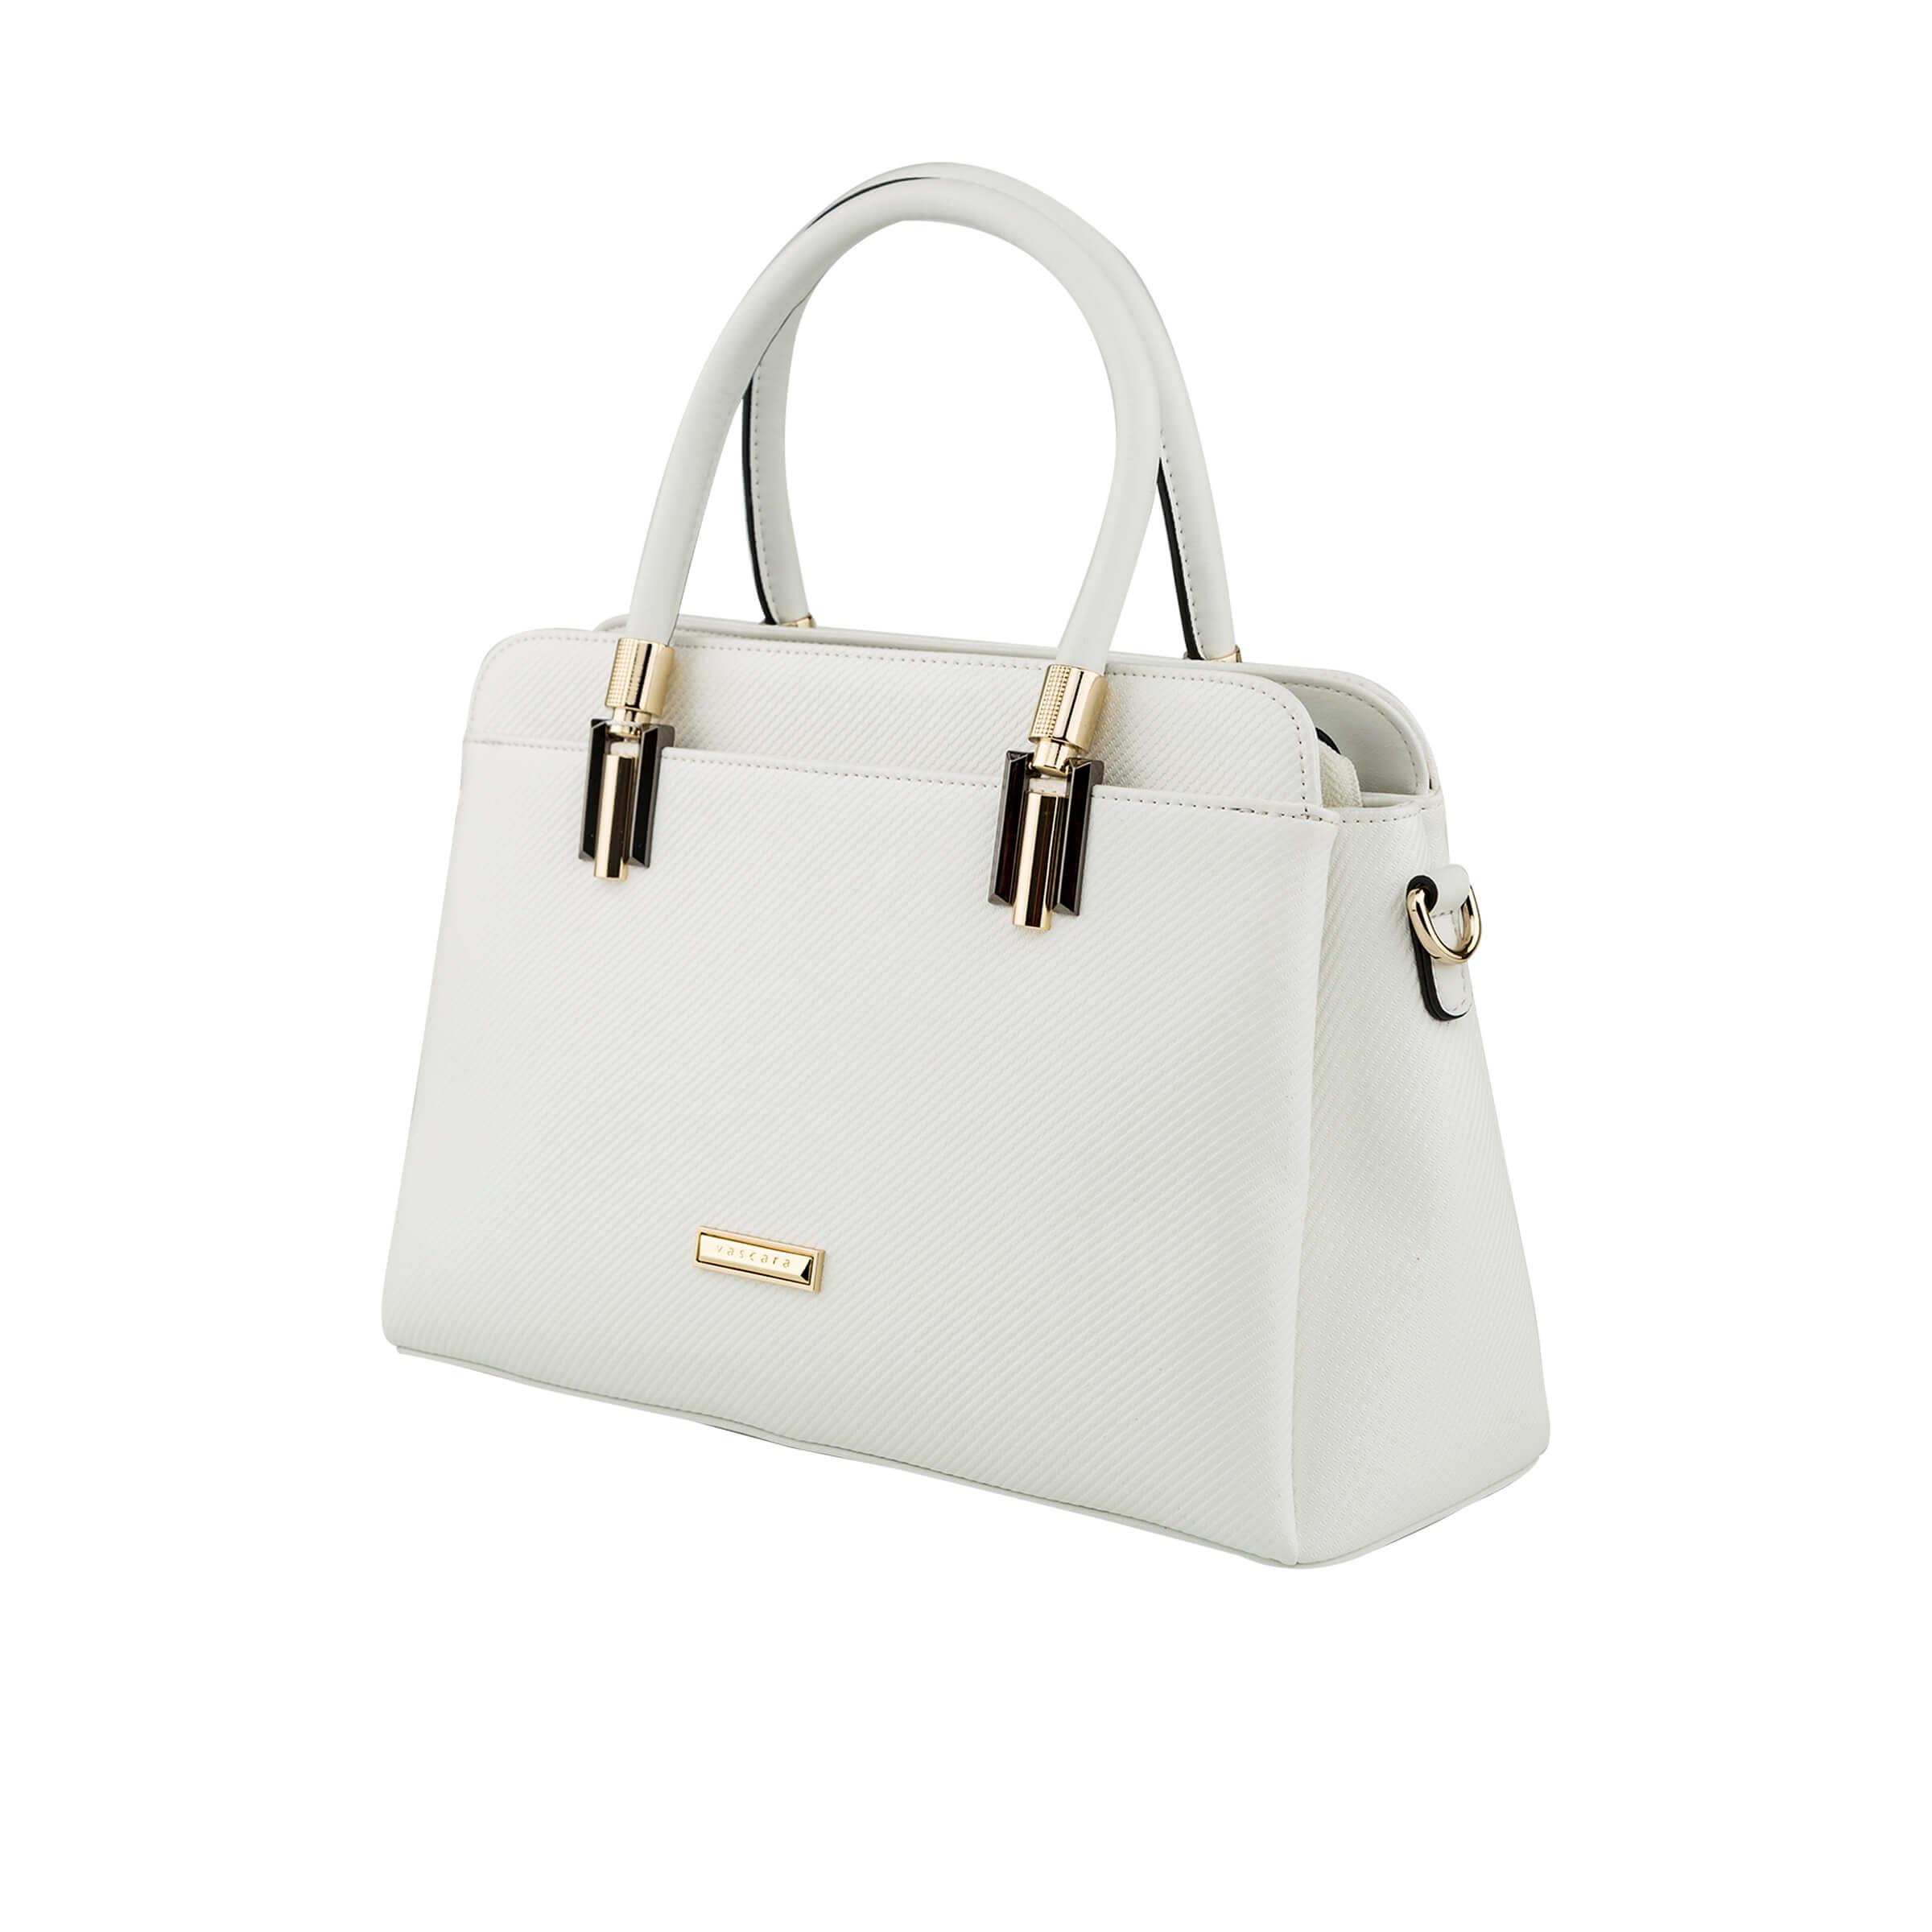 túi xách nữ màu trắng ánh bạc